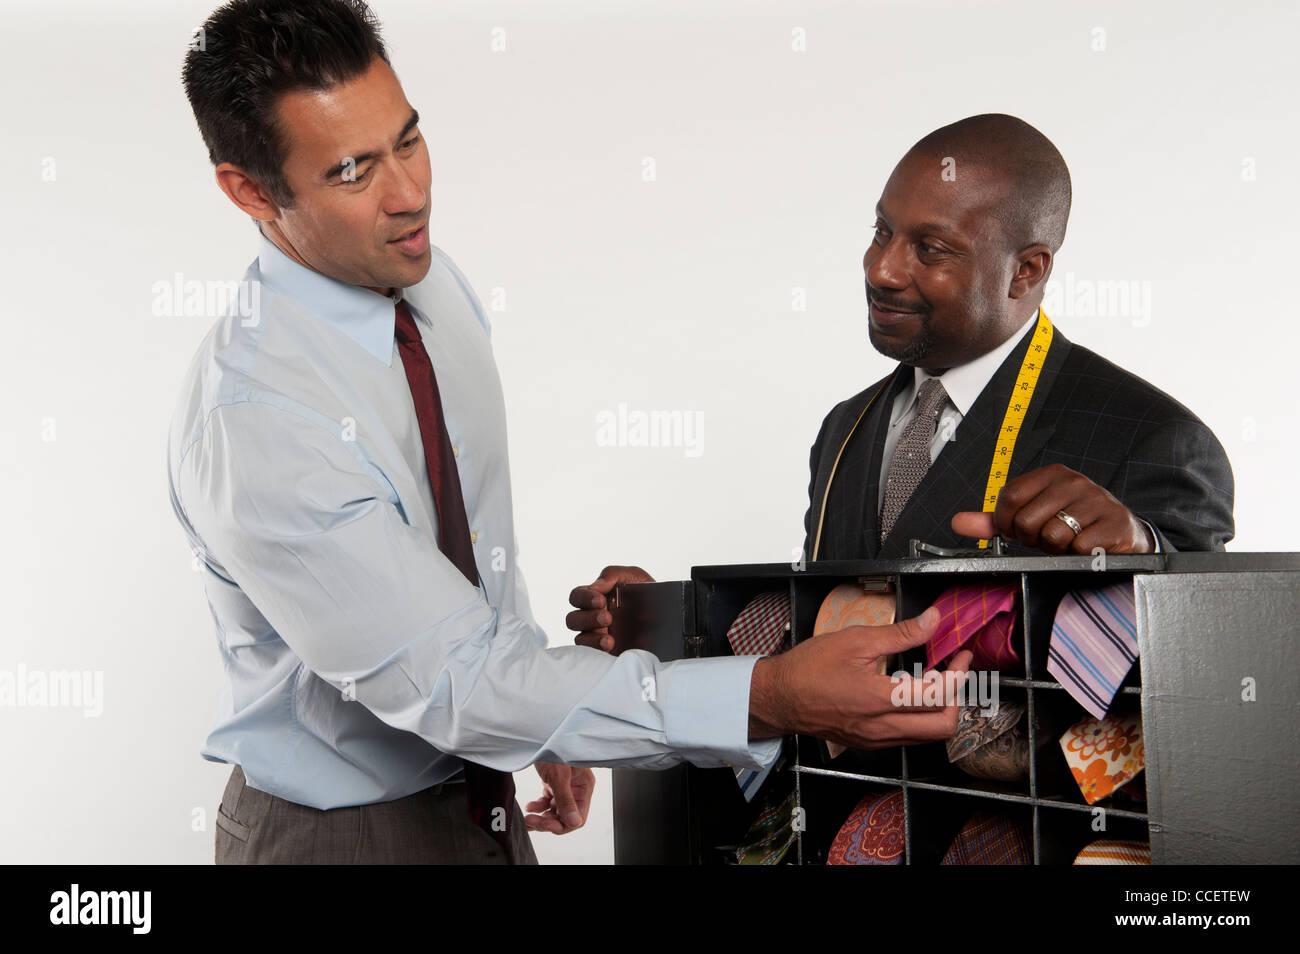 L'uomo selezionando cravatta Immagini Stock